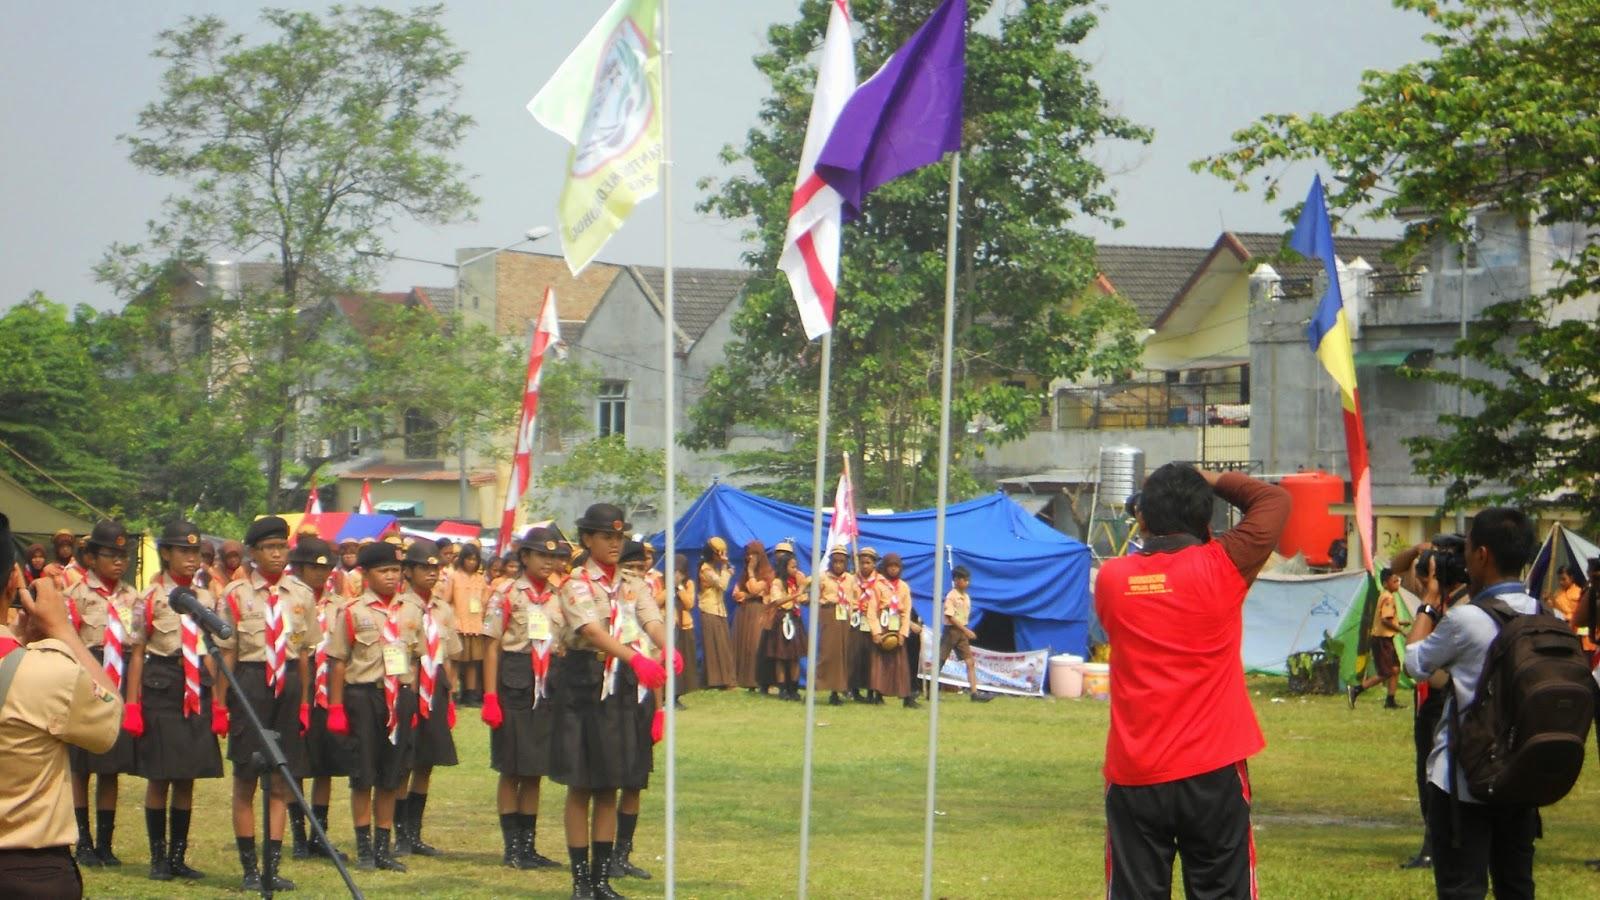 Pramuka Kwaran Medan Selayang Asyiknya Kegiatan Jambore Ranting Mengadakan Dilaksanakan